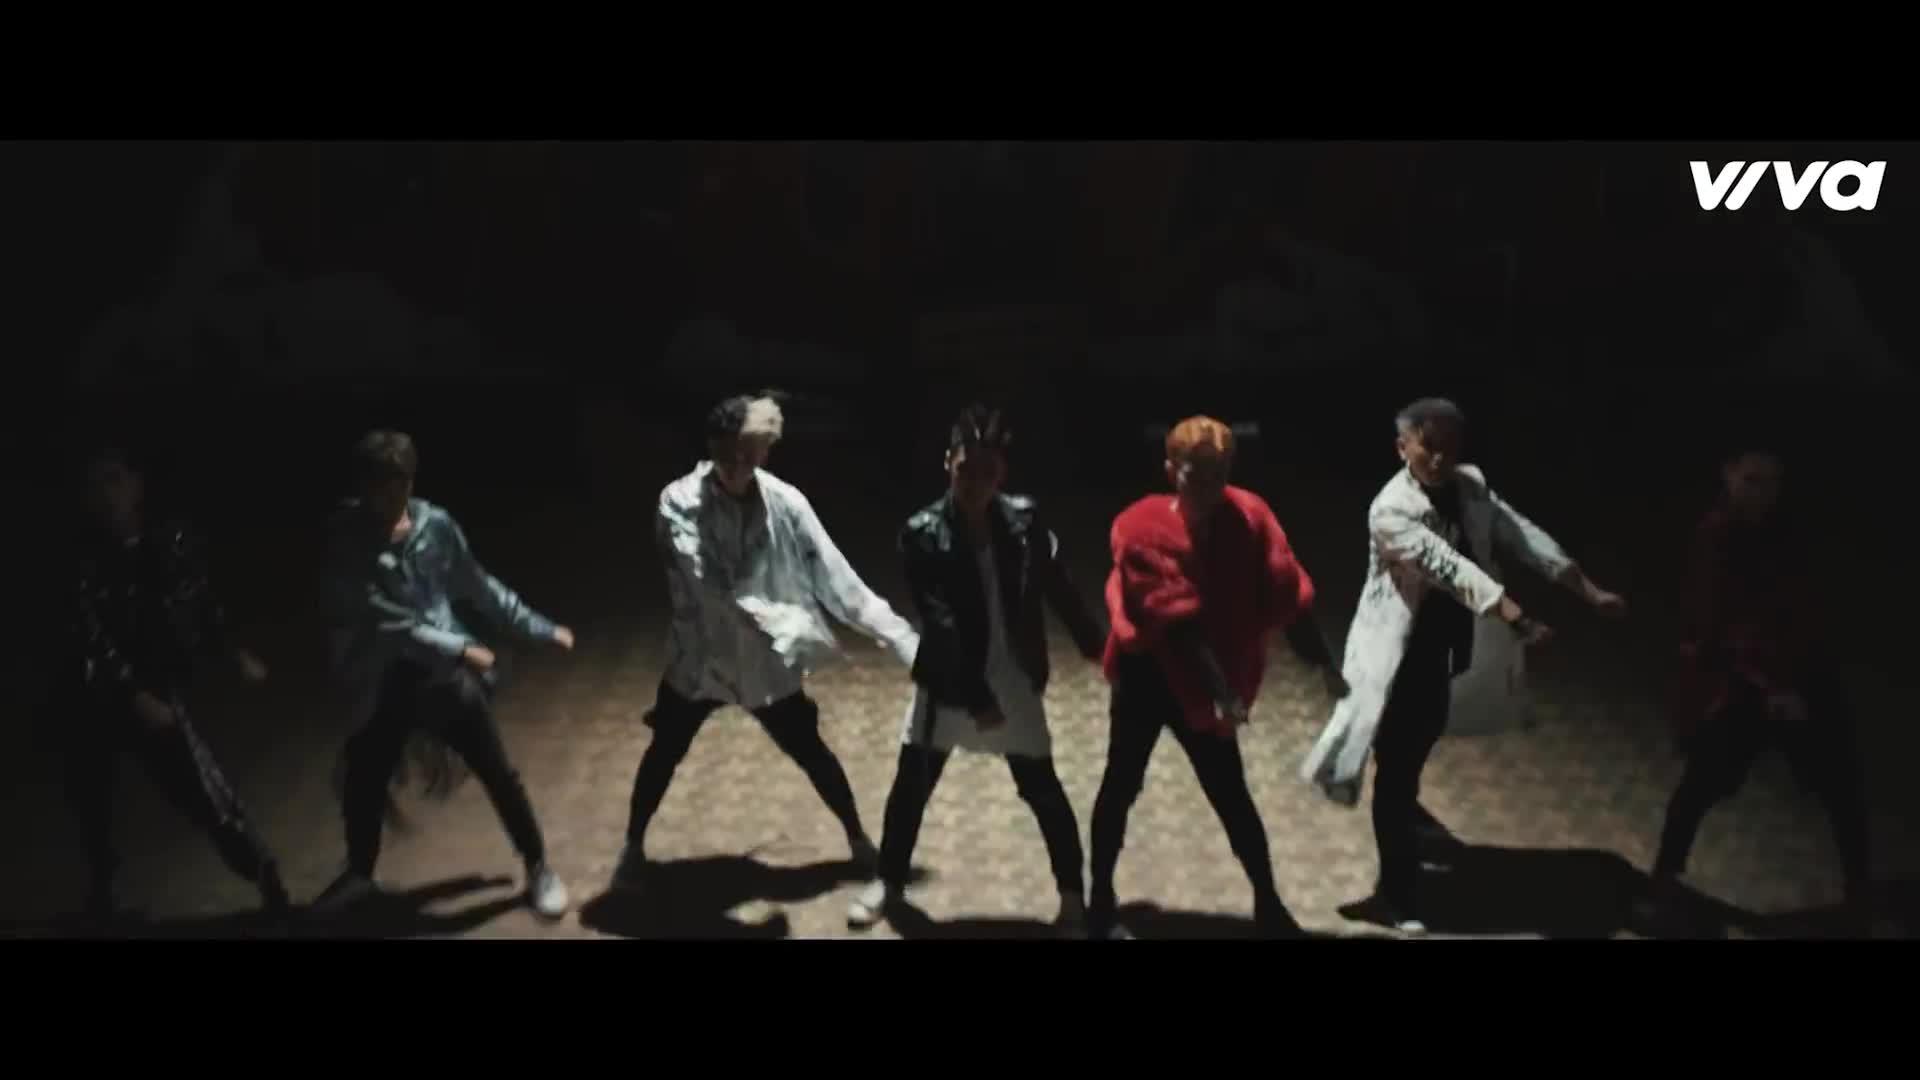 Điệu nhảy này có gì hot mà BTS, Sơn Tùng thậm chí cả Mỹ Tâm đều thích thú?